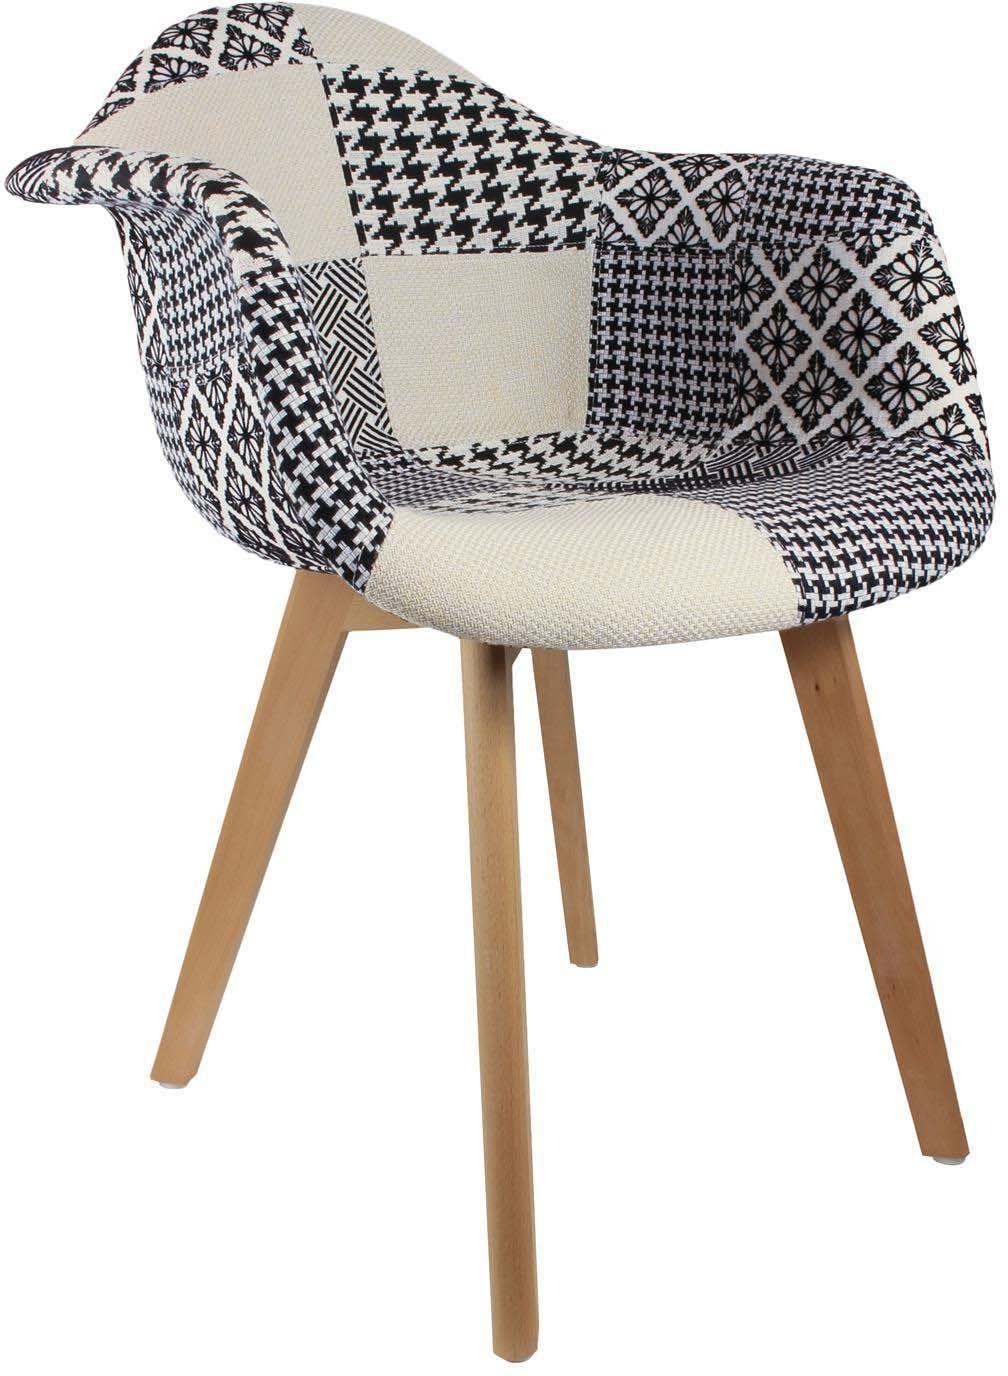 fauteuil scandinave patchwork noir blanc - Fauteuil Scandinave Patchwork